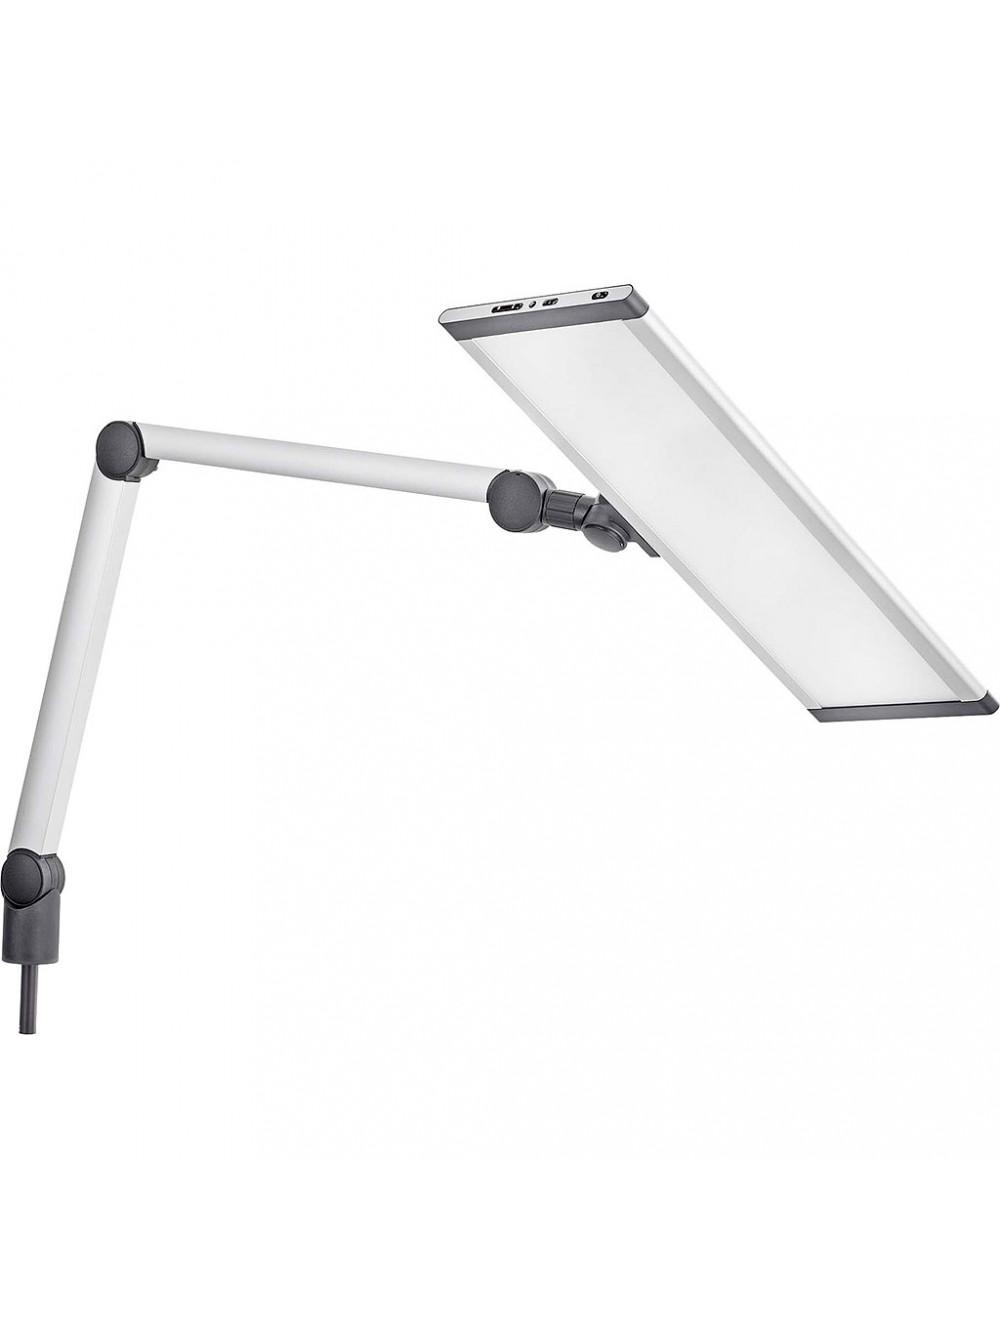 Das Produkt Reitel LED-Leuchte Comfort mit Tischbefestigung 19111000 aus dem Global-dent online shop.